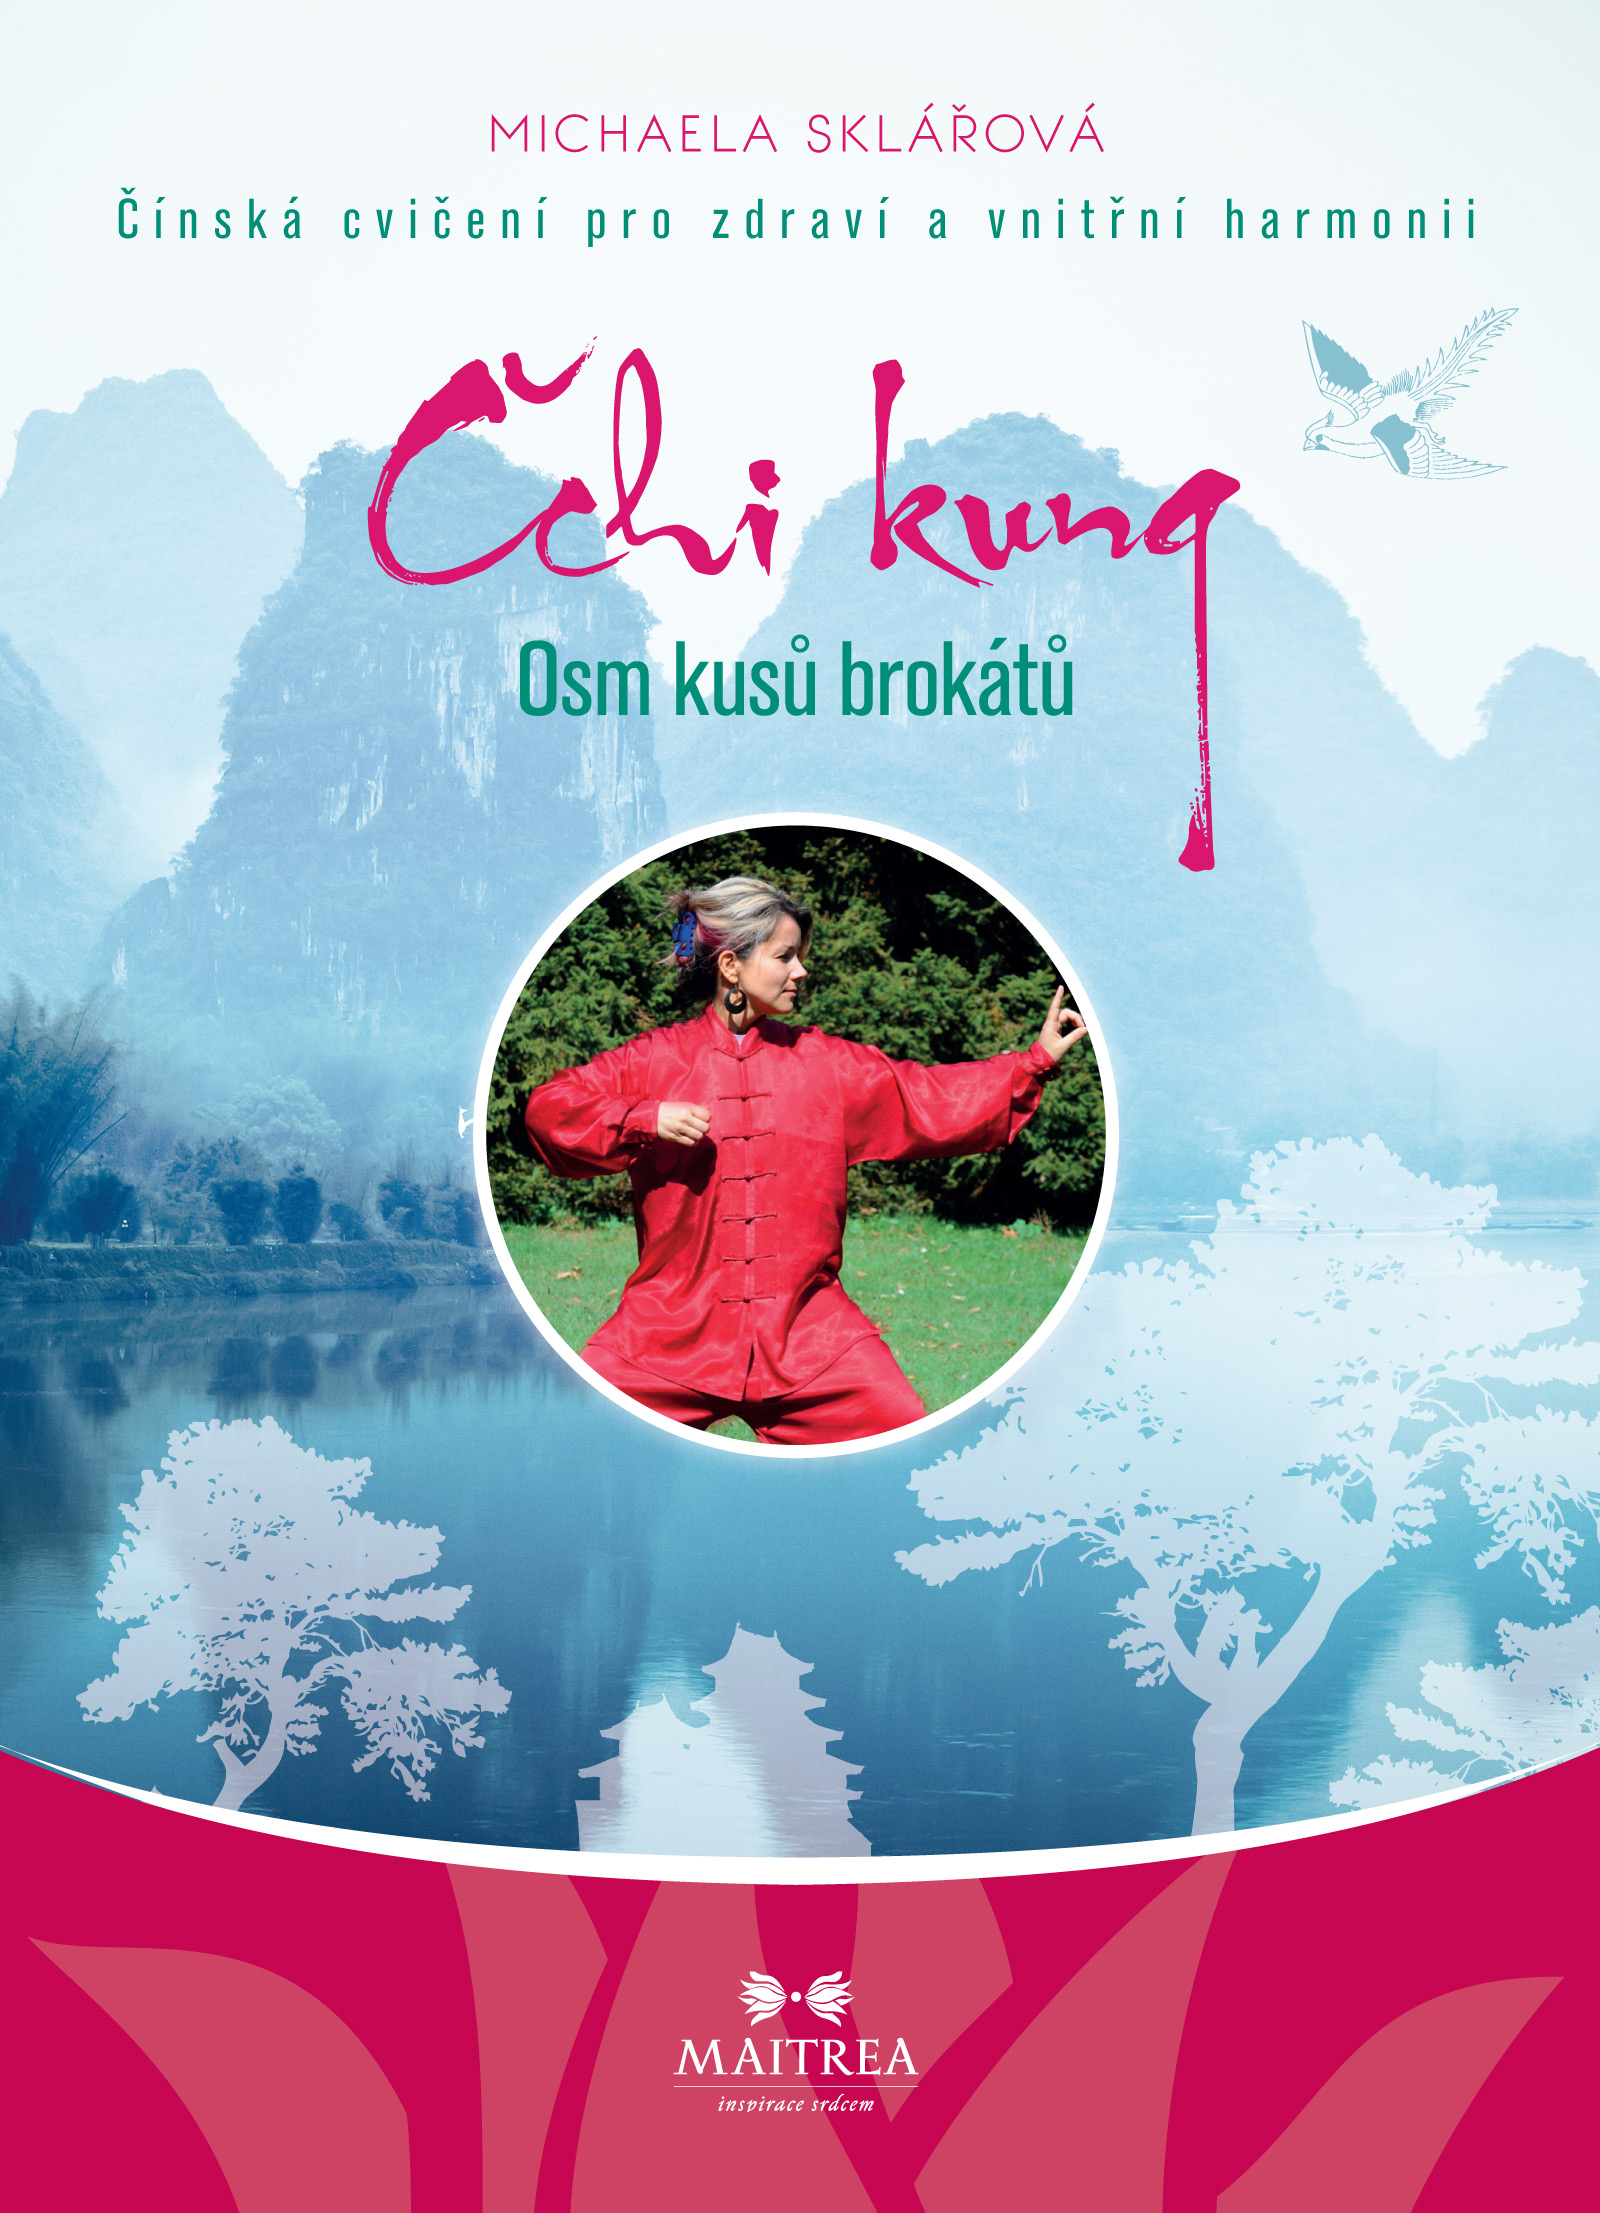 Čchi kung - Osm kusů brokátů - Čínská cvičení pro zdraví a vnitřní harmonii